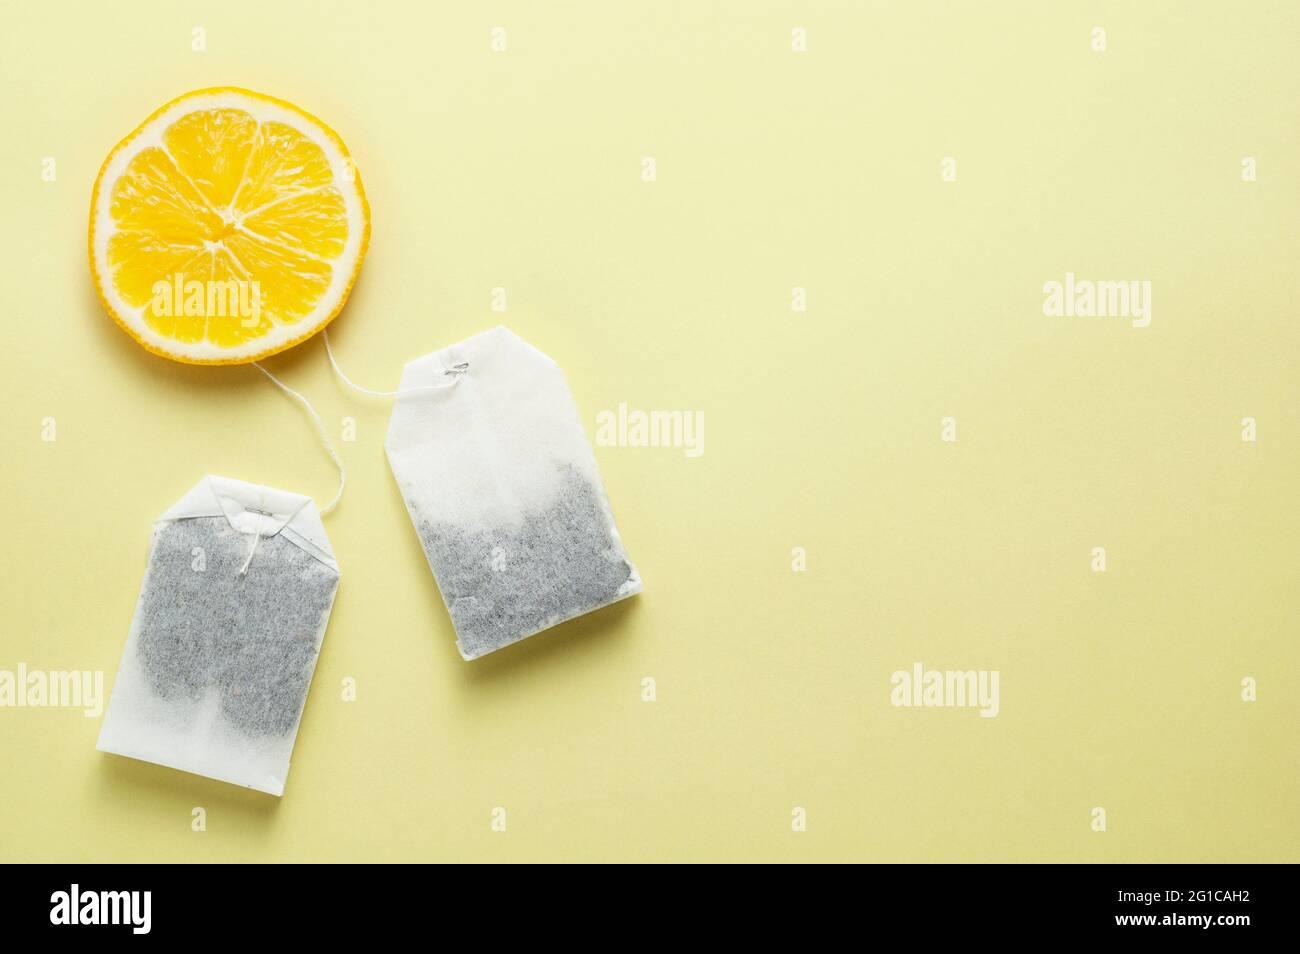 Bolsas de té y una rodaja de limón sobre fondo amarillo Foto de stock